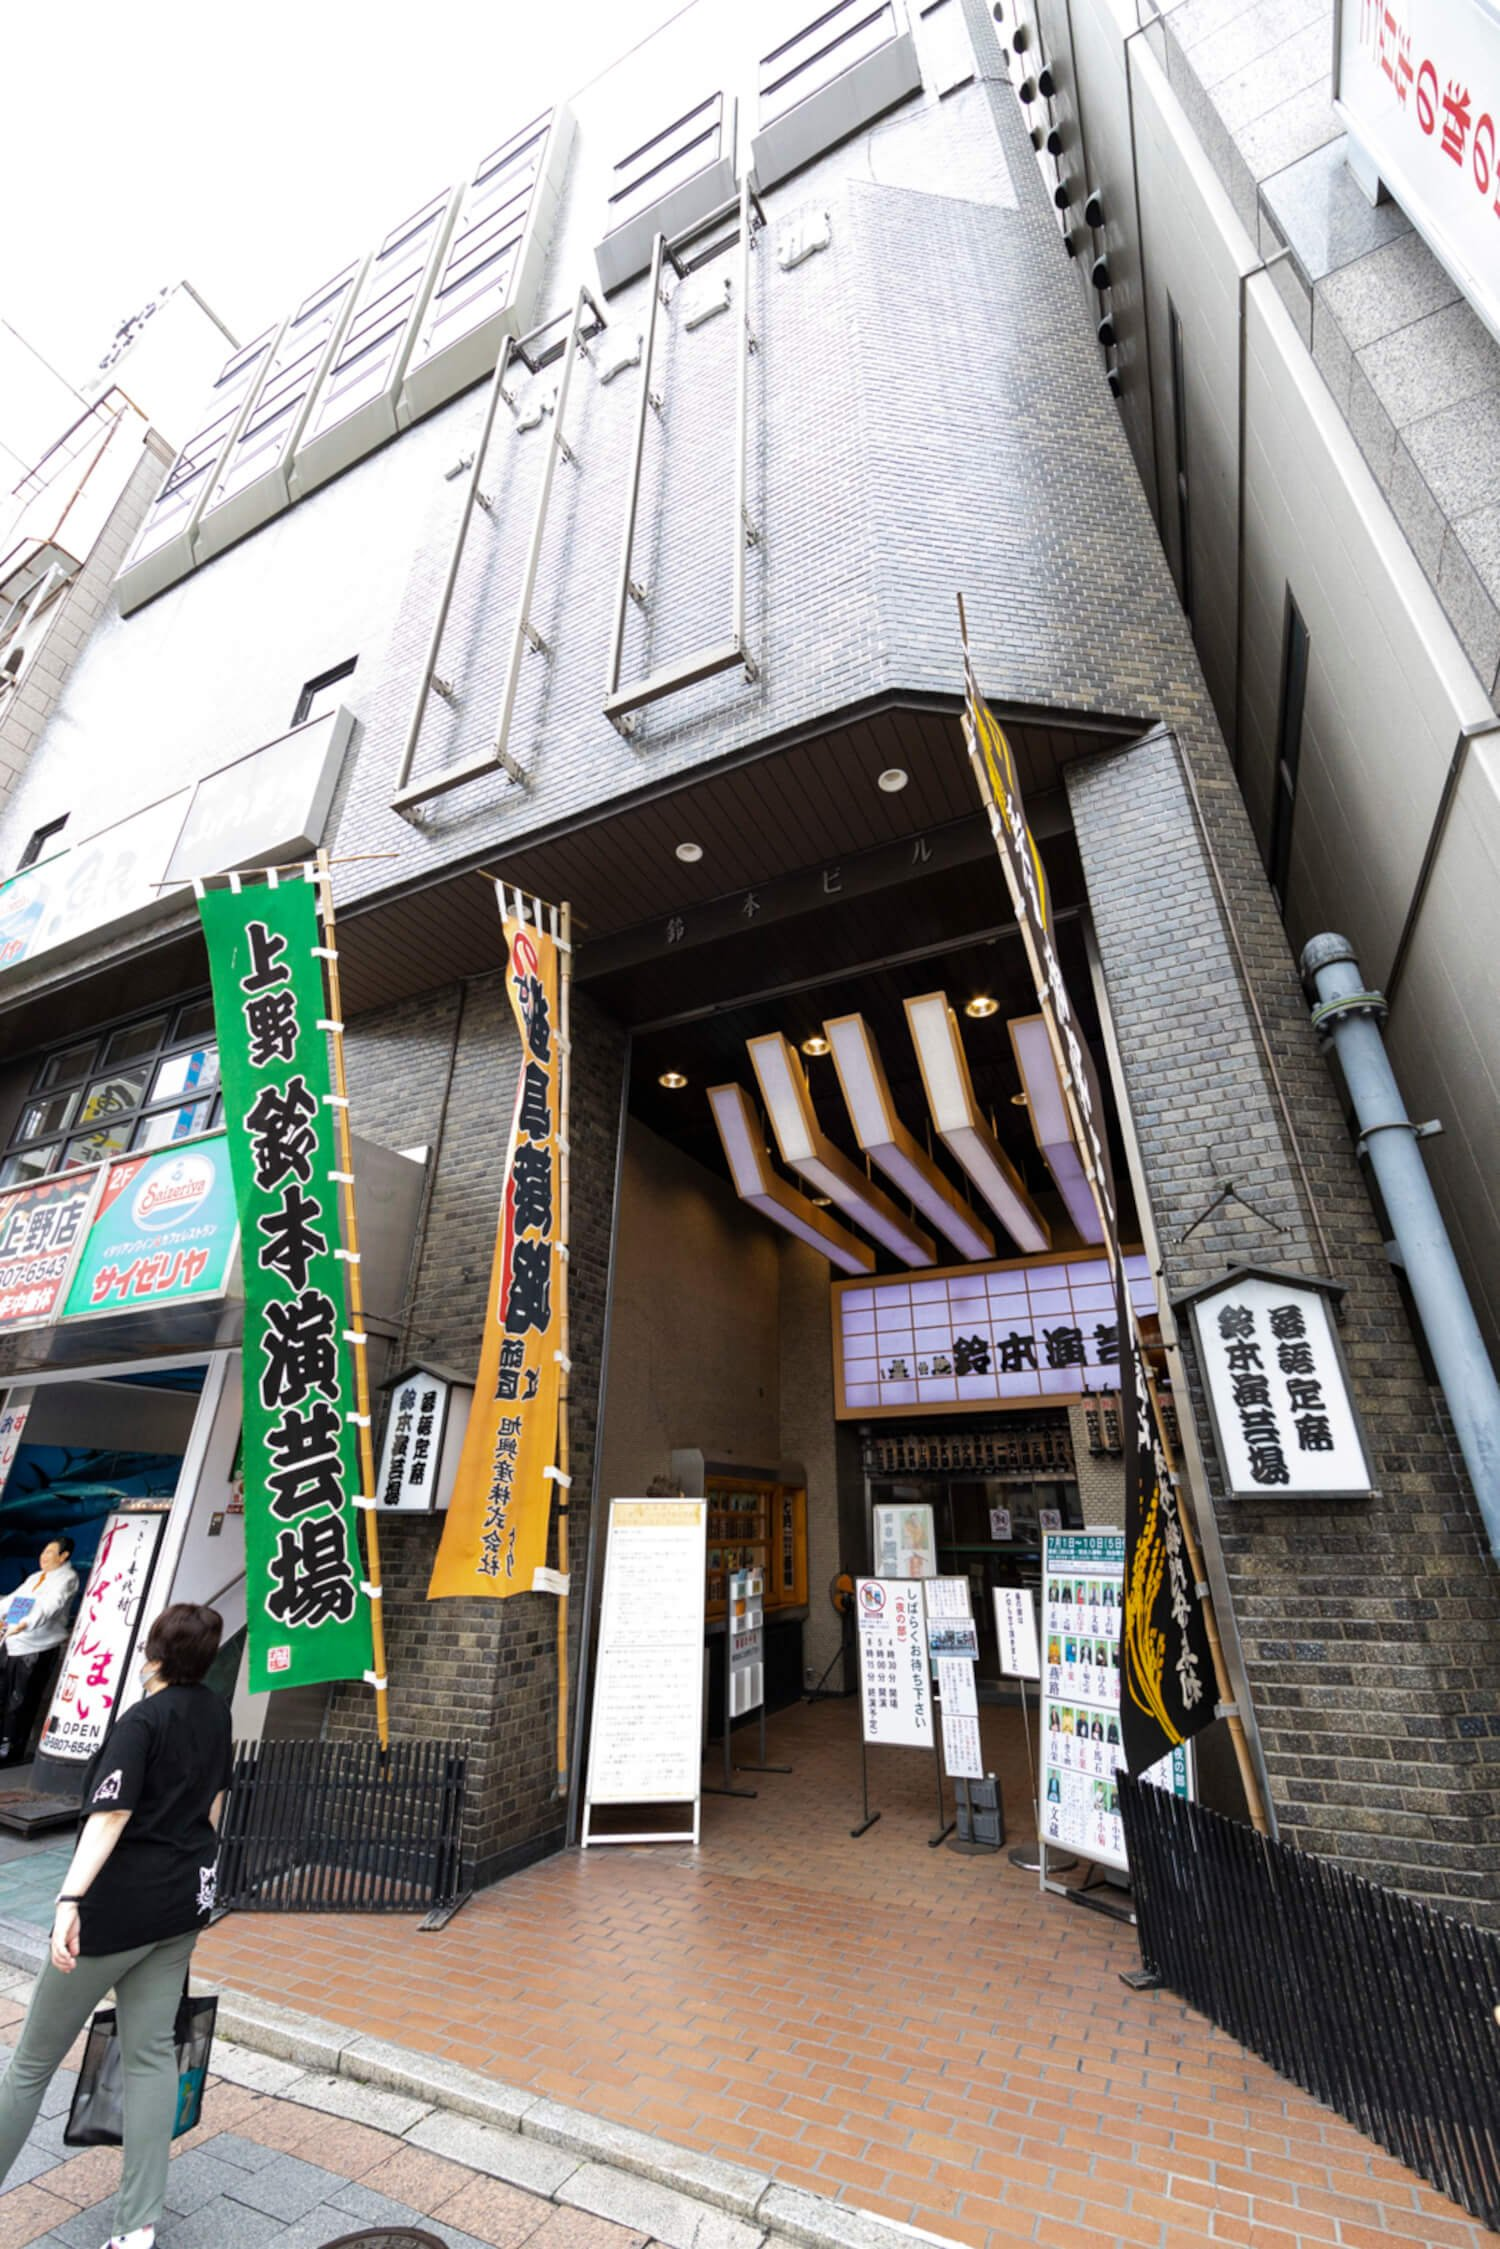 『都電物語』の舞台・都電1系統の上野公園の手前に『鈴本演芸場』があるのも縁か。